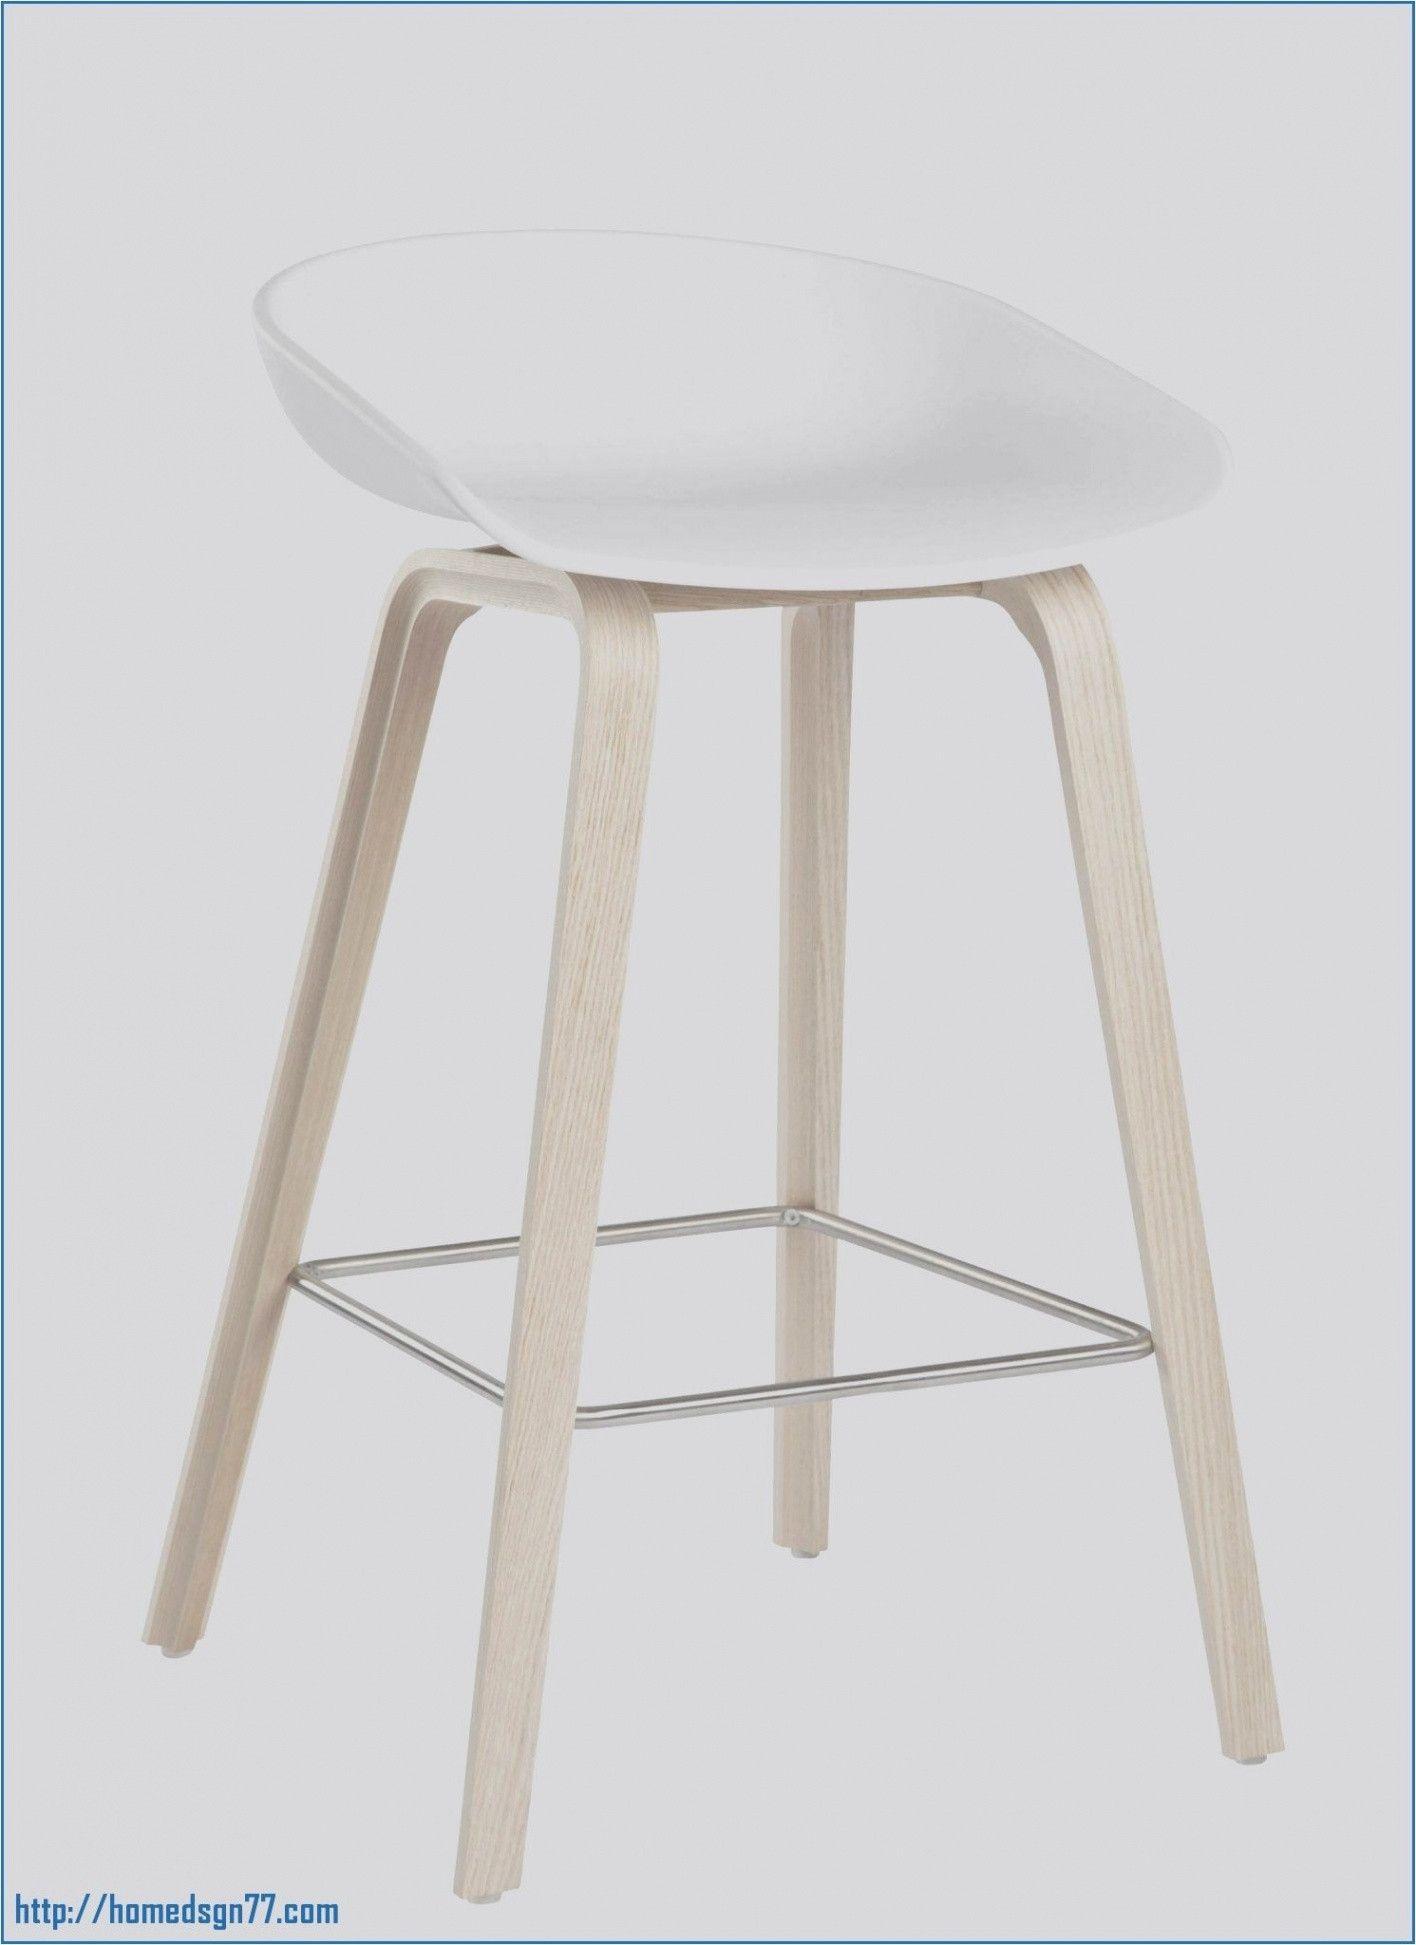 28 Frais Chaise Pedrali Idees Inspirantes Salle De Bain En Bambou Salle De Bain Design Tabouret